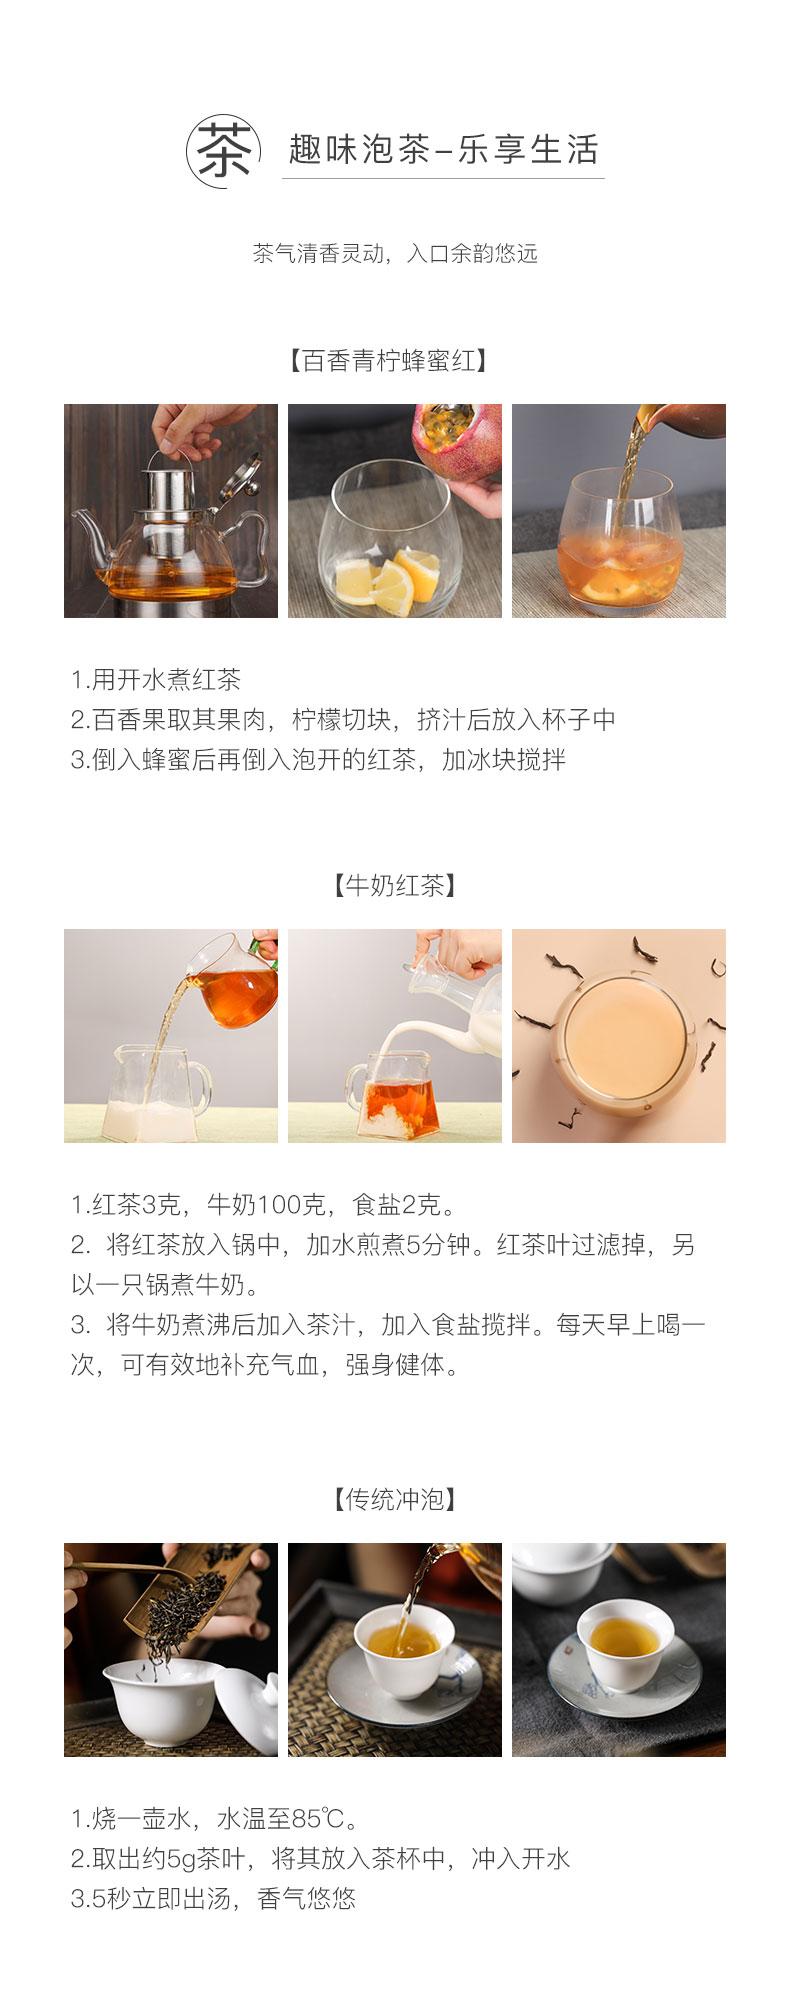 红茶2_11.jpg